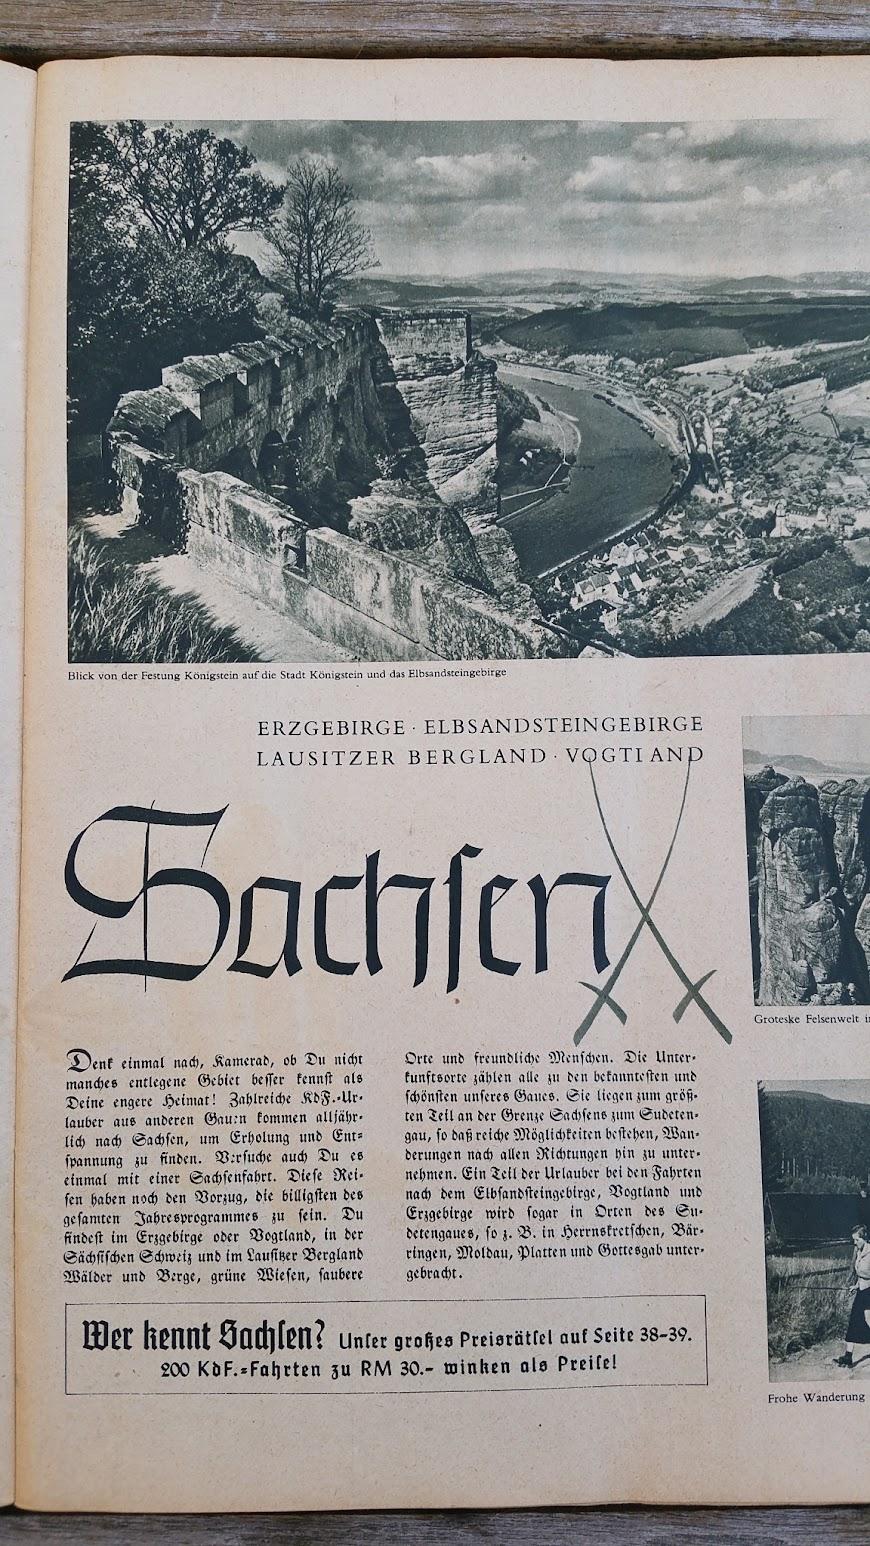 """Die Deutsche Arbeitsfront - Urlaubsfahrten 1939 - NS-Gemeinschaft """"Kraft durch Freude"""" Gau Sachsen - Katalog - Sachsen"""